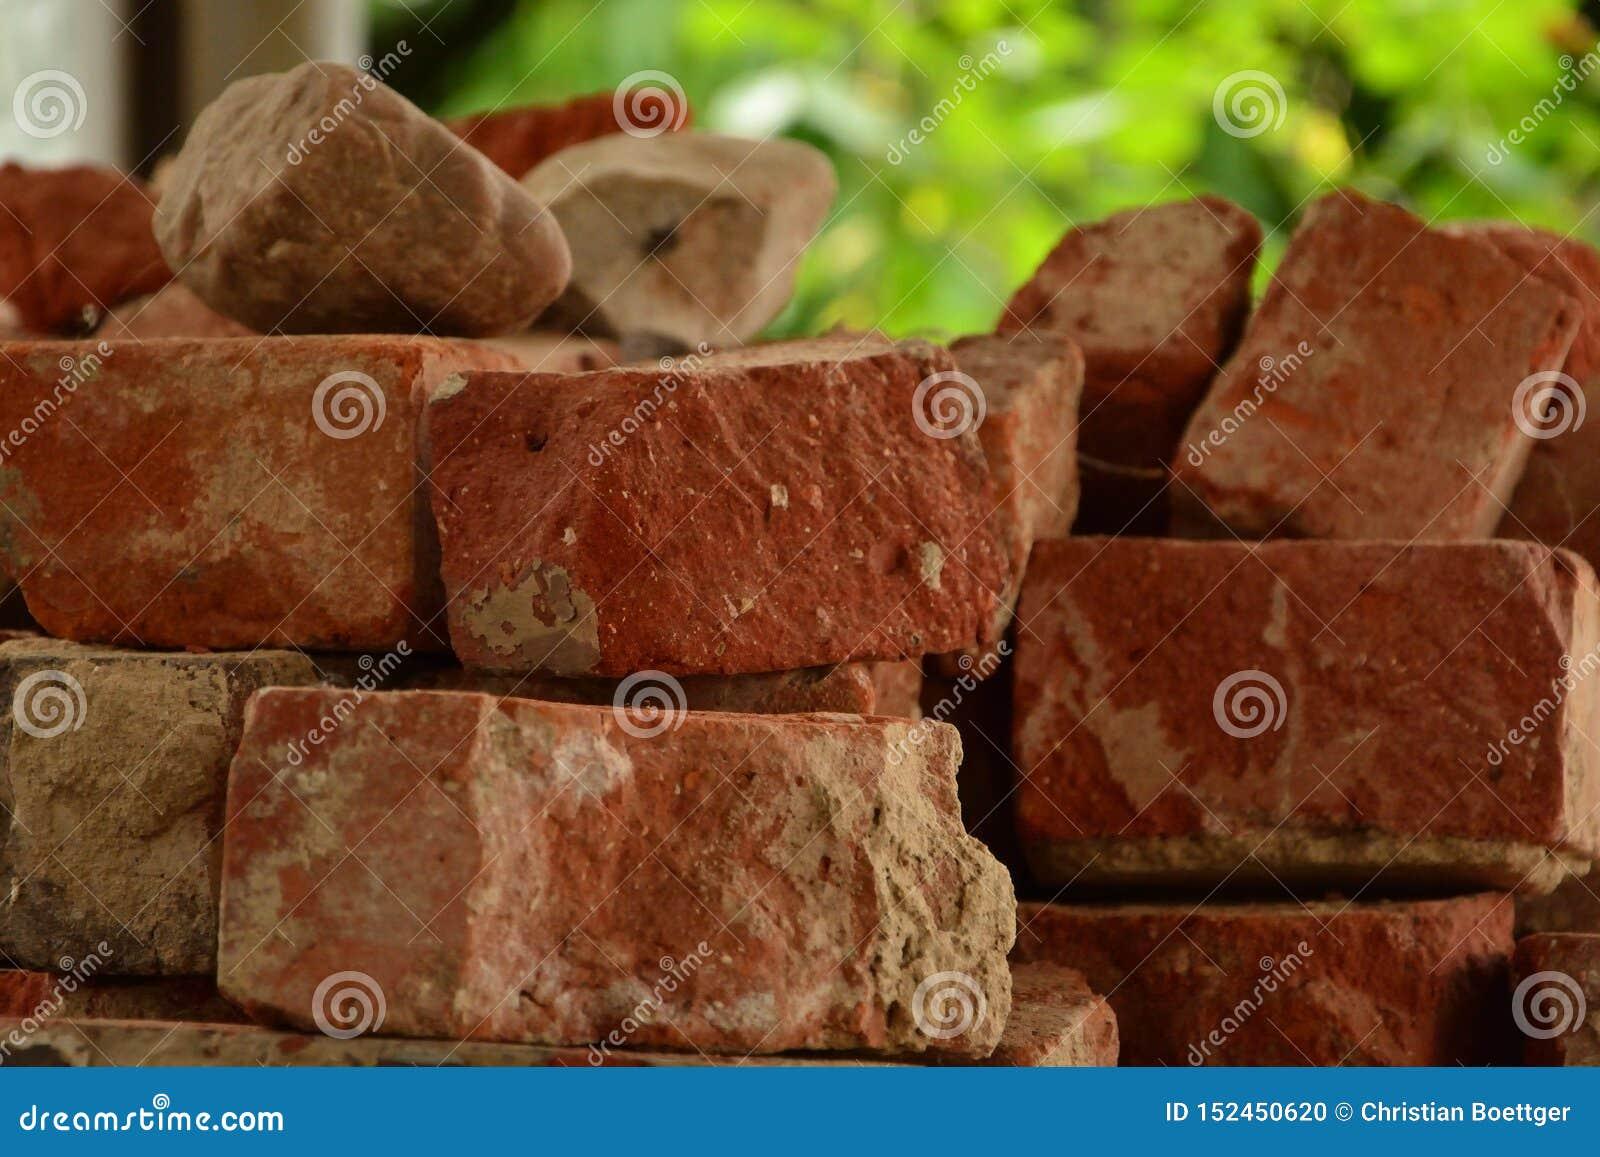 Oude rode baksteenclinker stapel in tezonlicht, gebarsten bakstenen